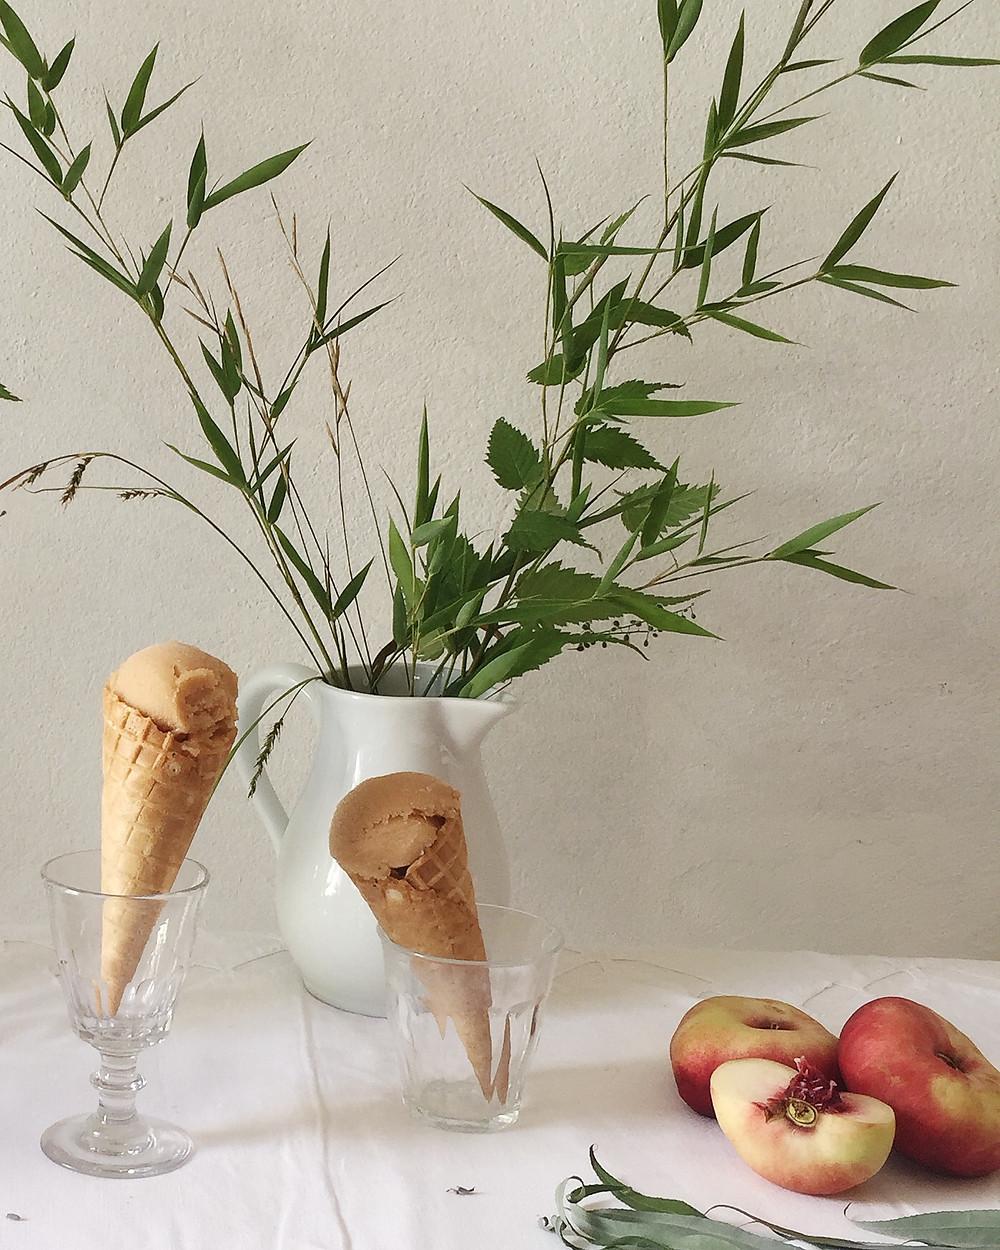 peach and verbena sorbet